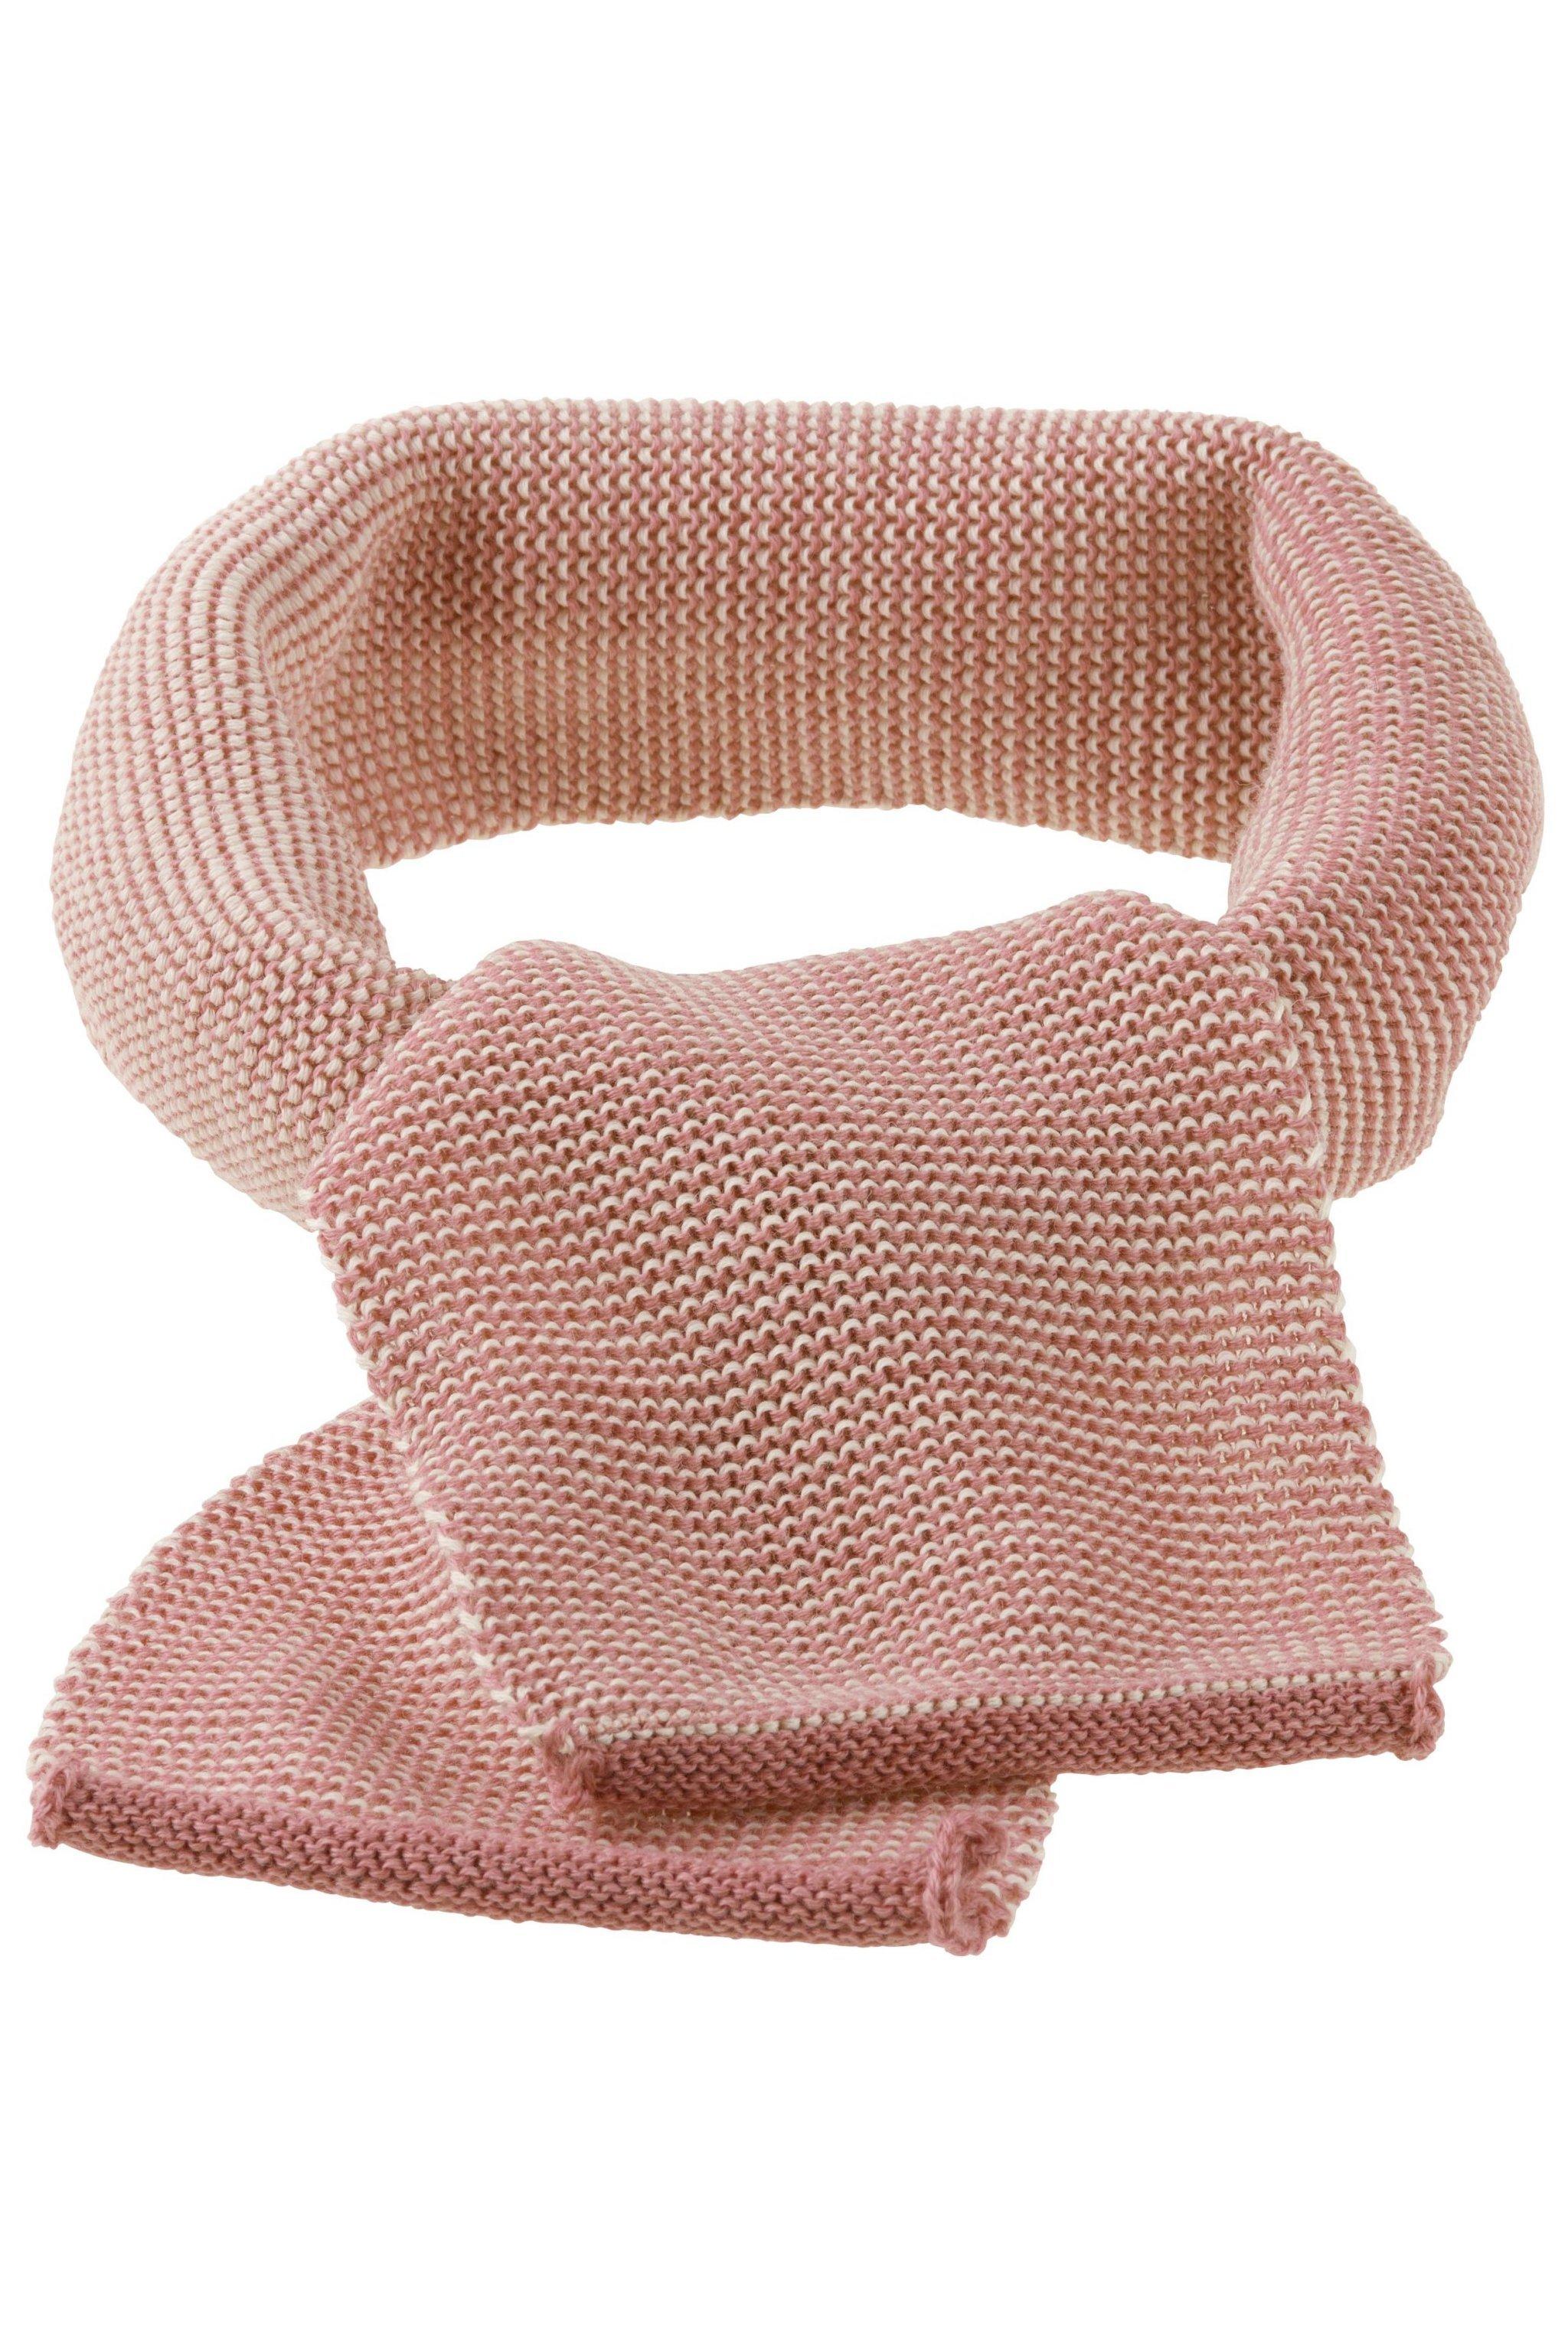 Halsduk stickad ull barn · Barnkläder ... cab904ac0e93a